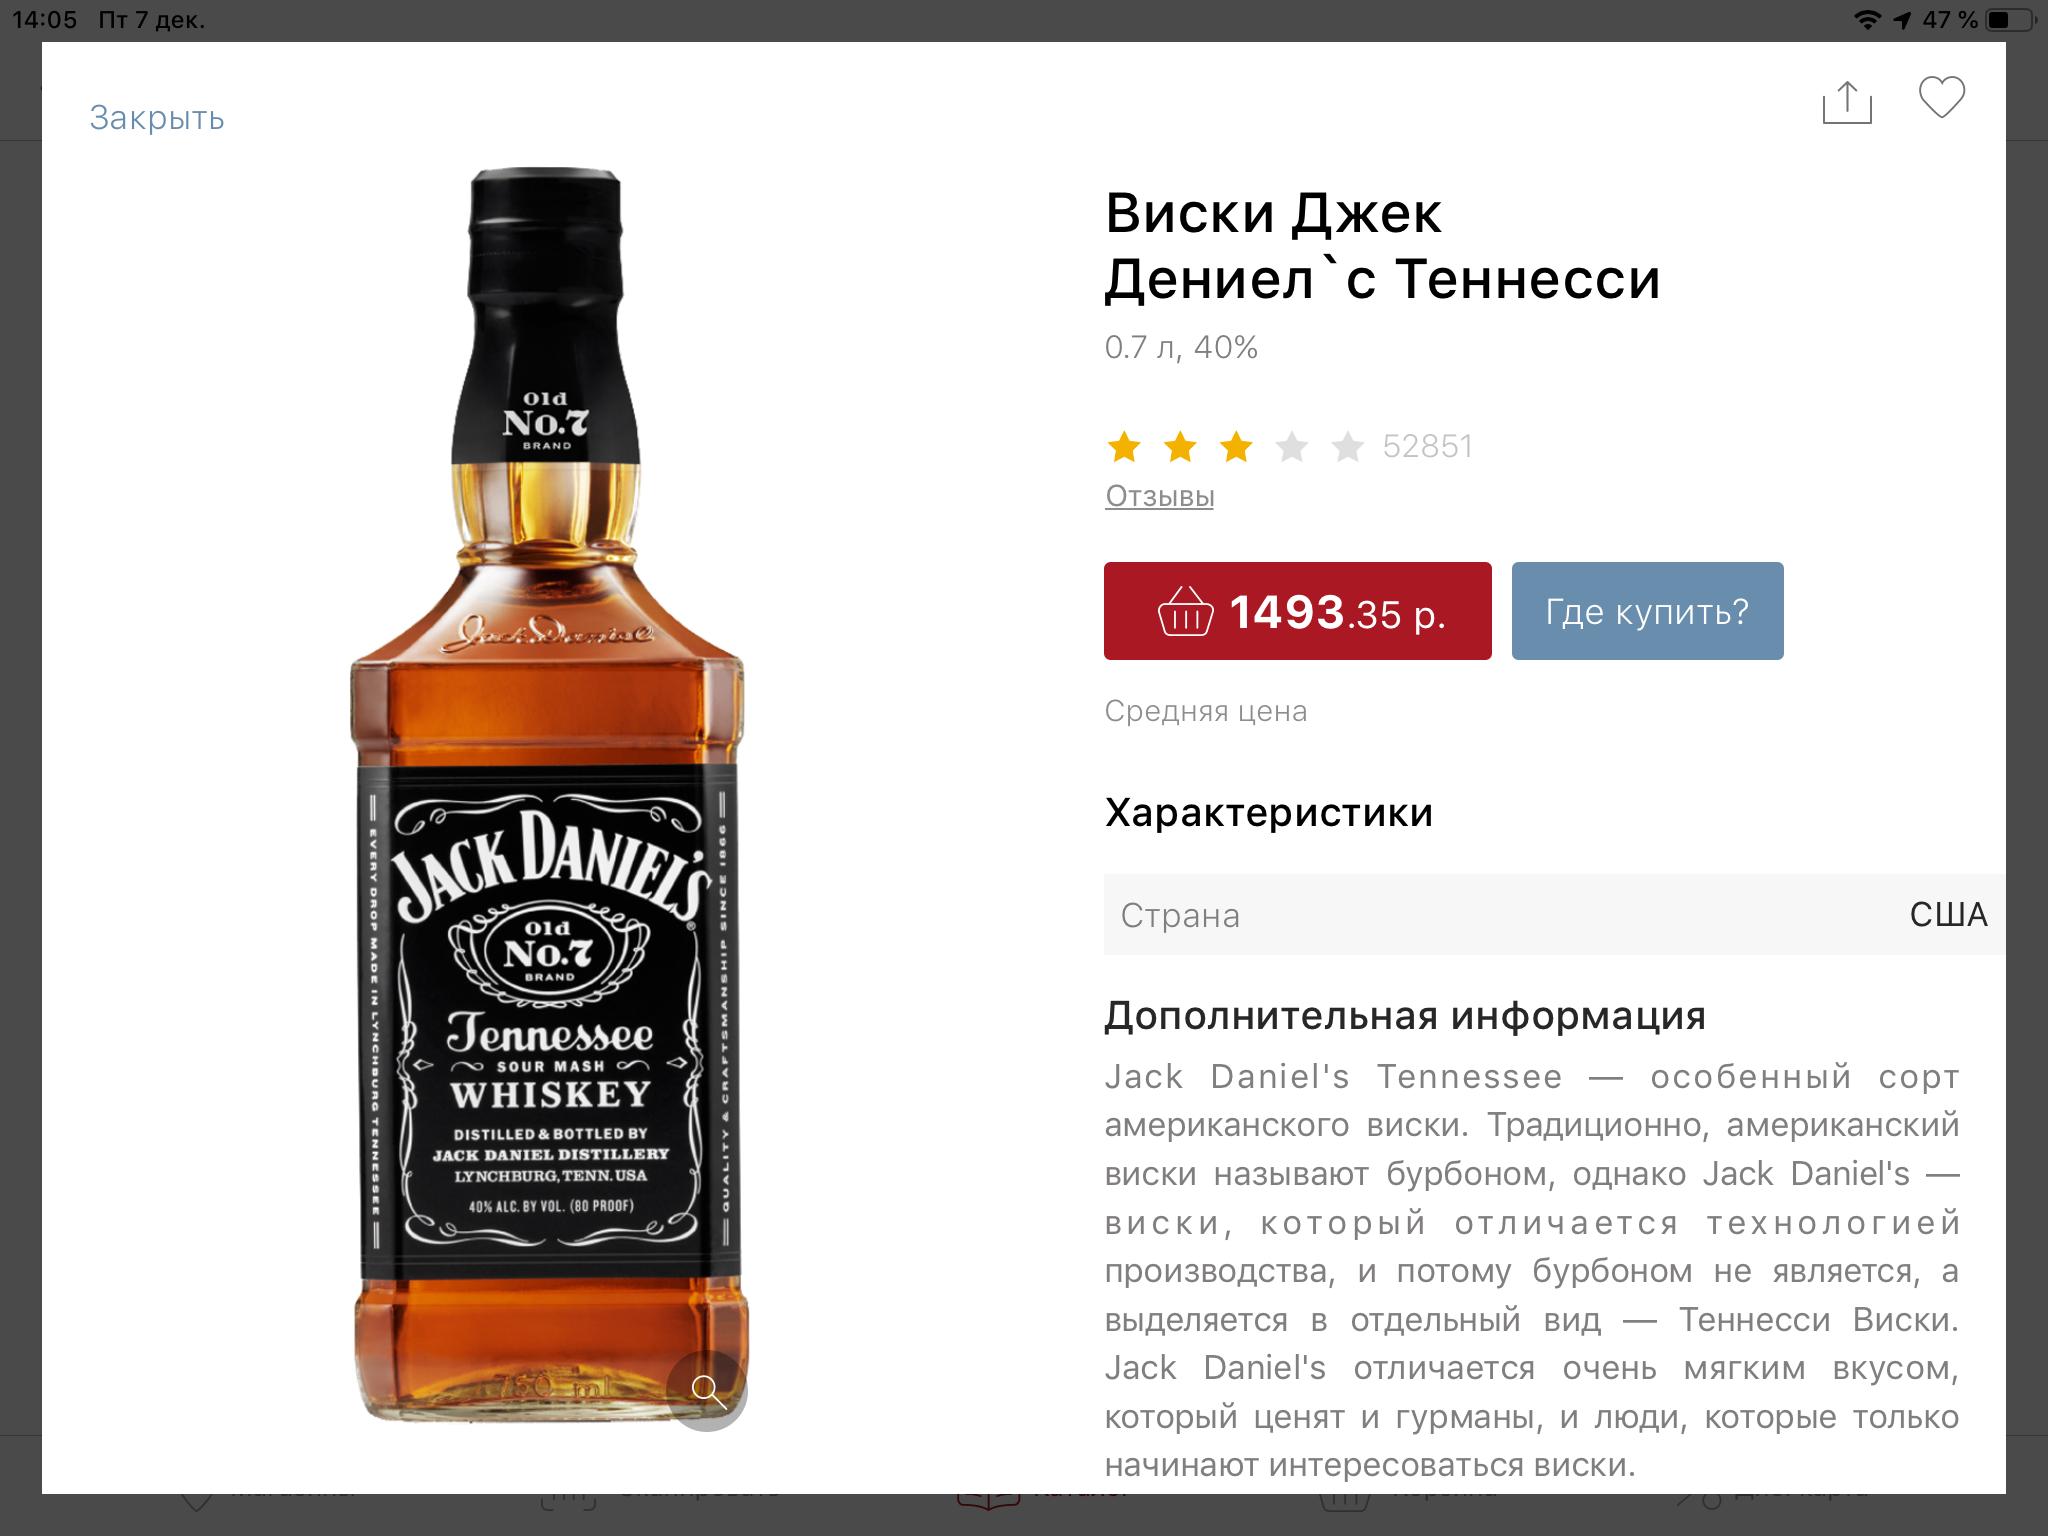 Как нужно правильно пить виски jack daniel's (джек дэниэлс)